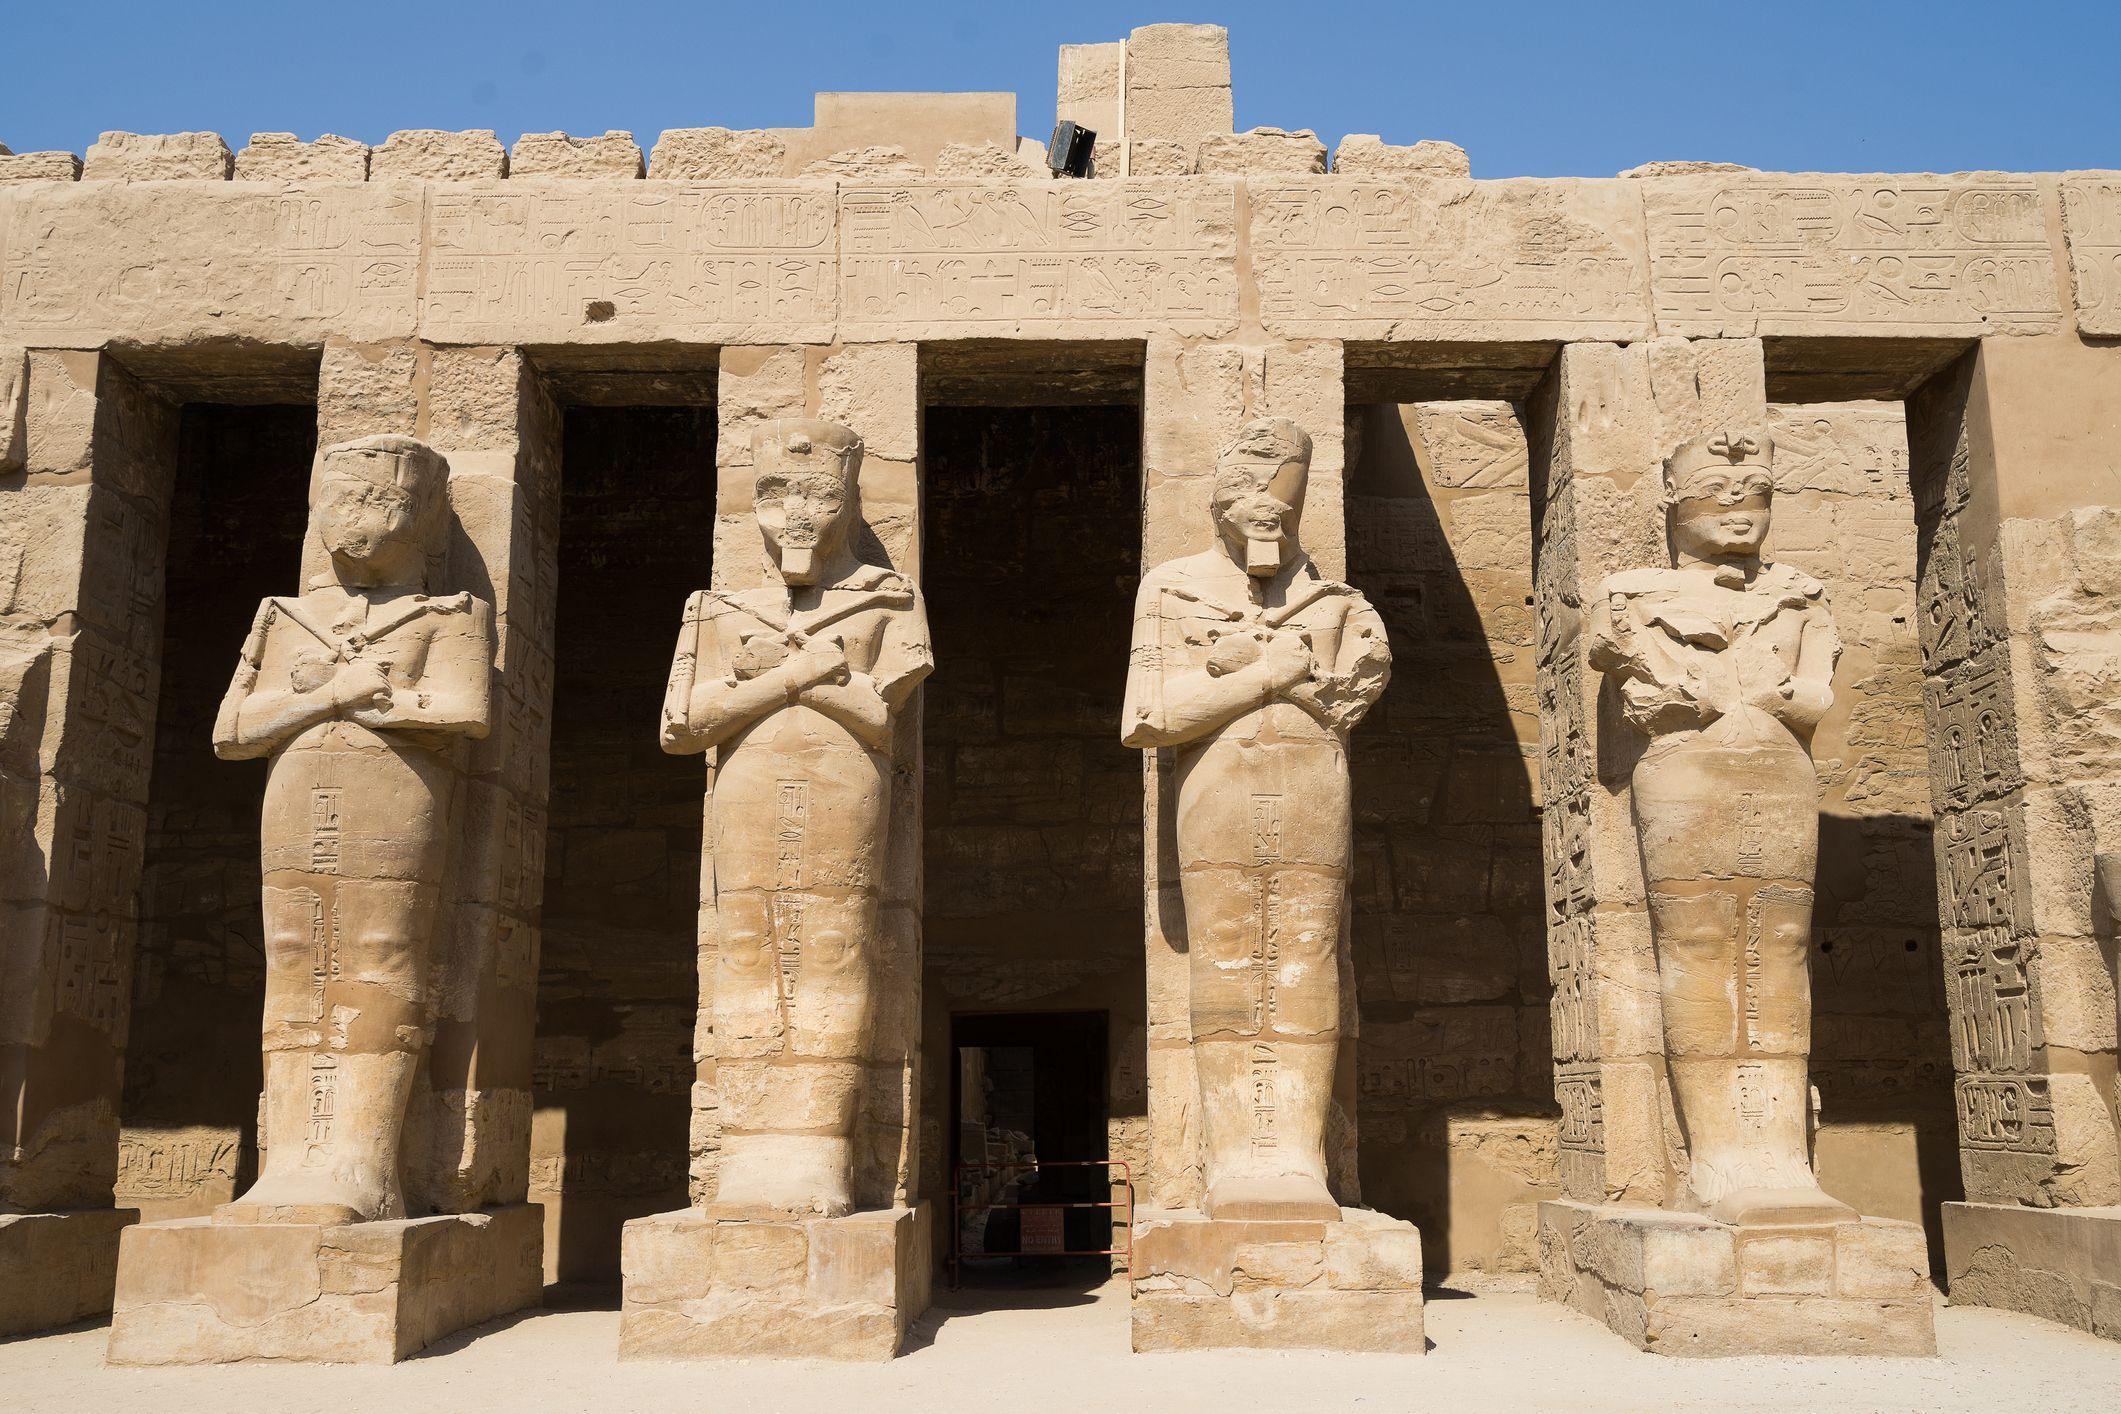 Ruins pharaoh statue at karnak temple  Luxor city Egypt